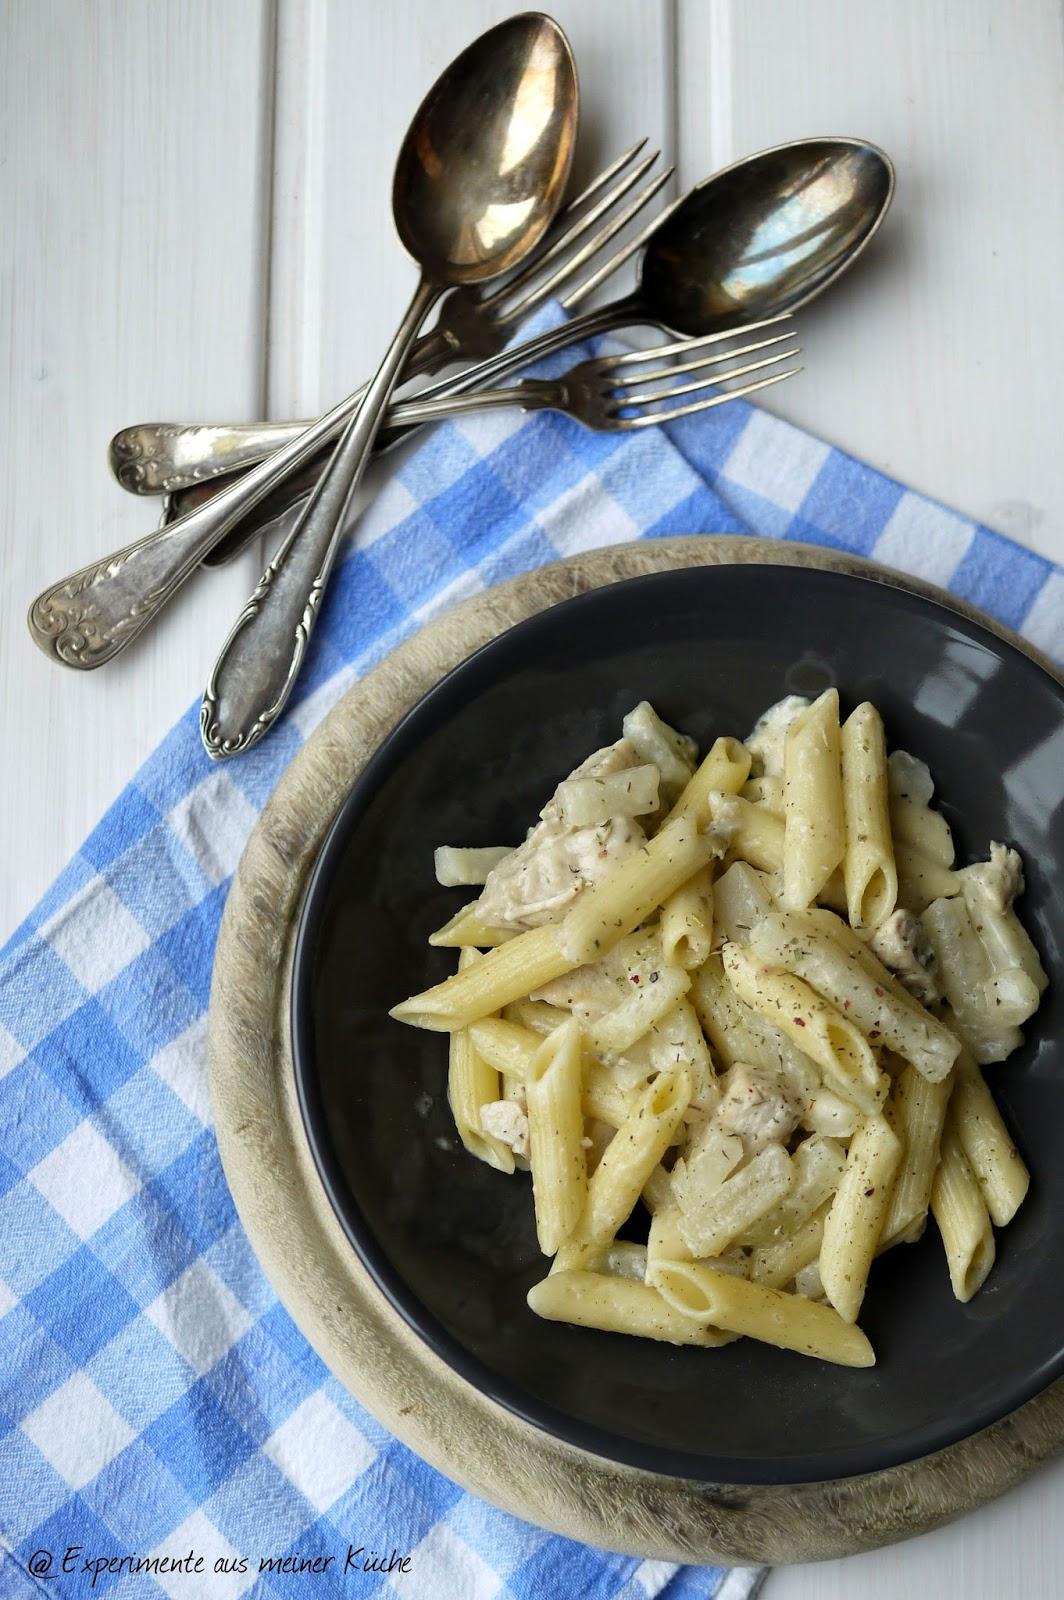 Experimente aus meiner Küche: Pasta in cremiger Kohlrabi-Hähnchen-Soße